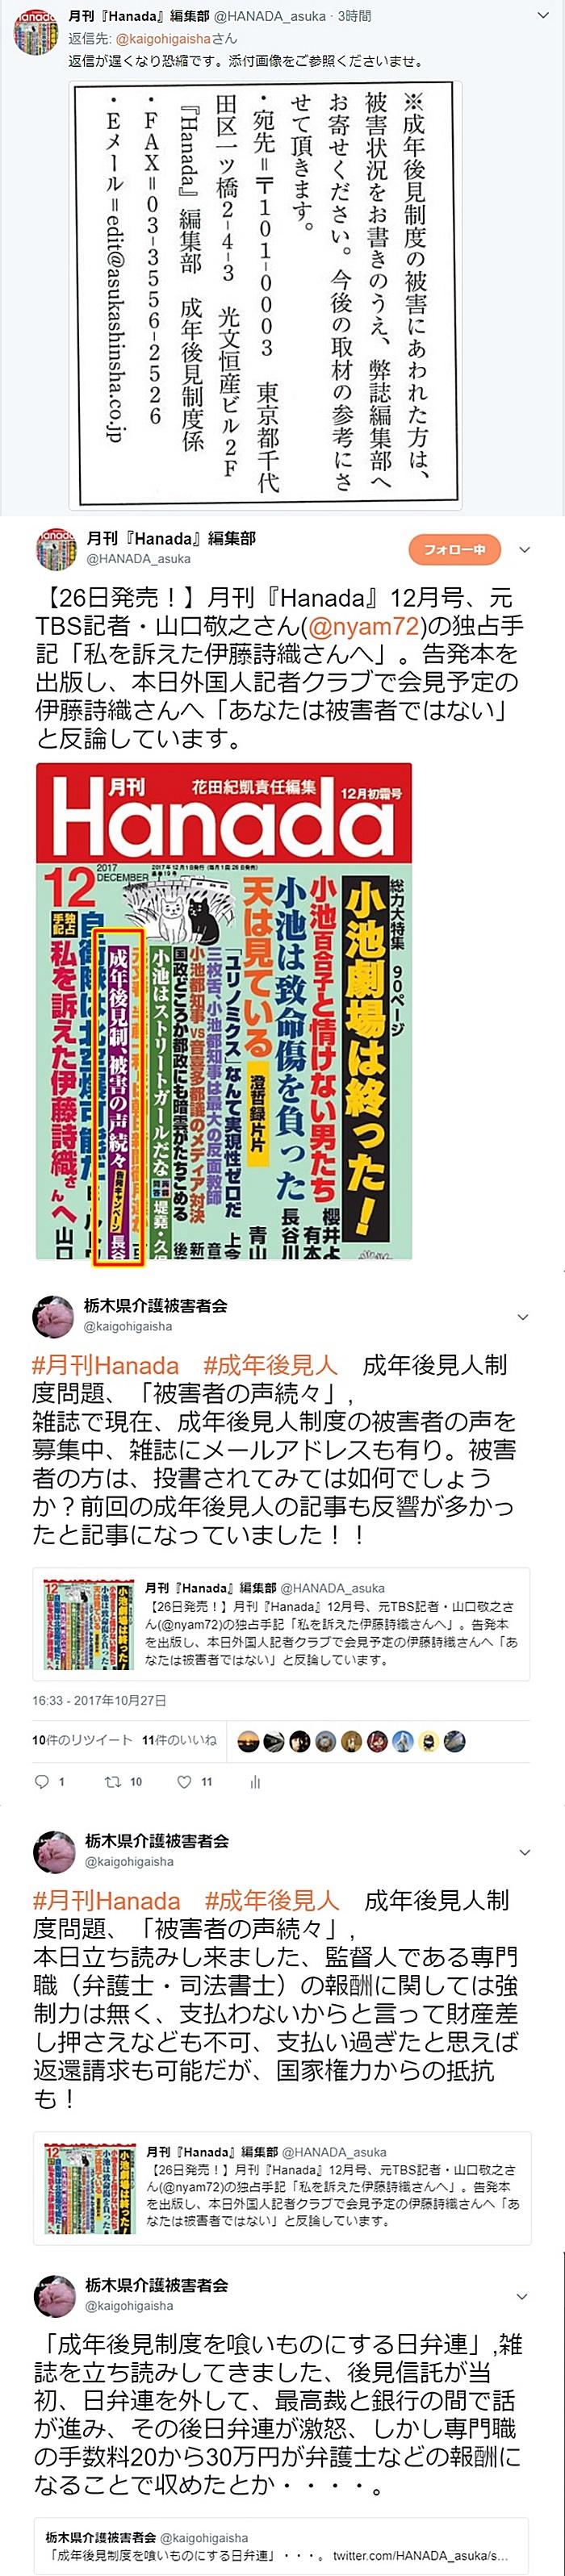 #月刊Hanada #成年後見人